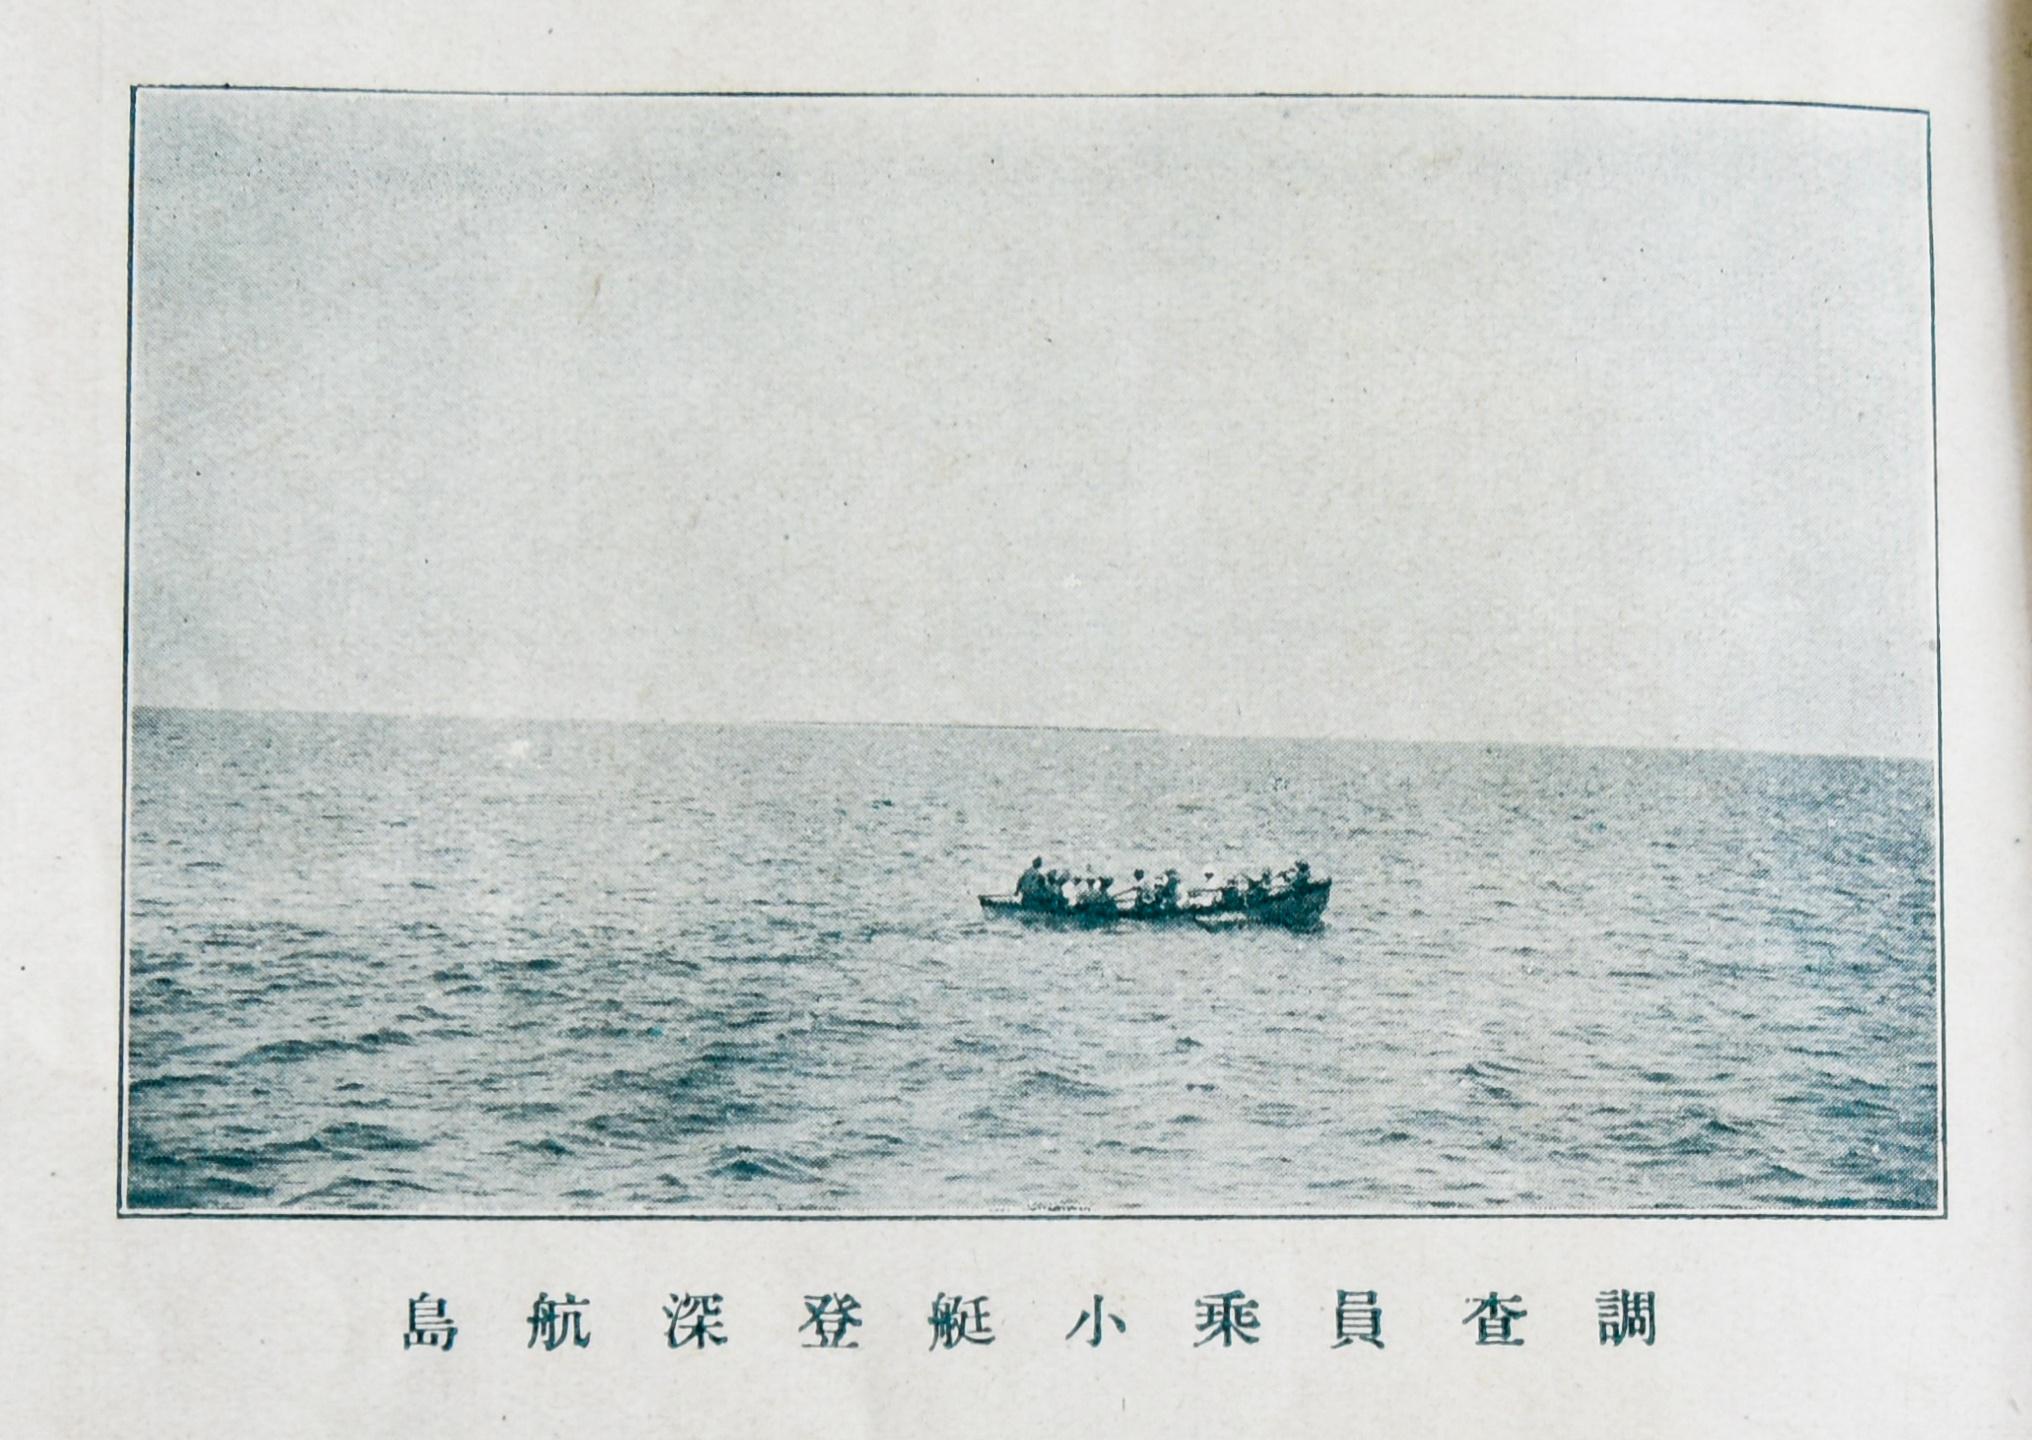 """我国最早在西沙群岛科考的大学 有了海上""""移动校园"""""""